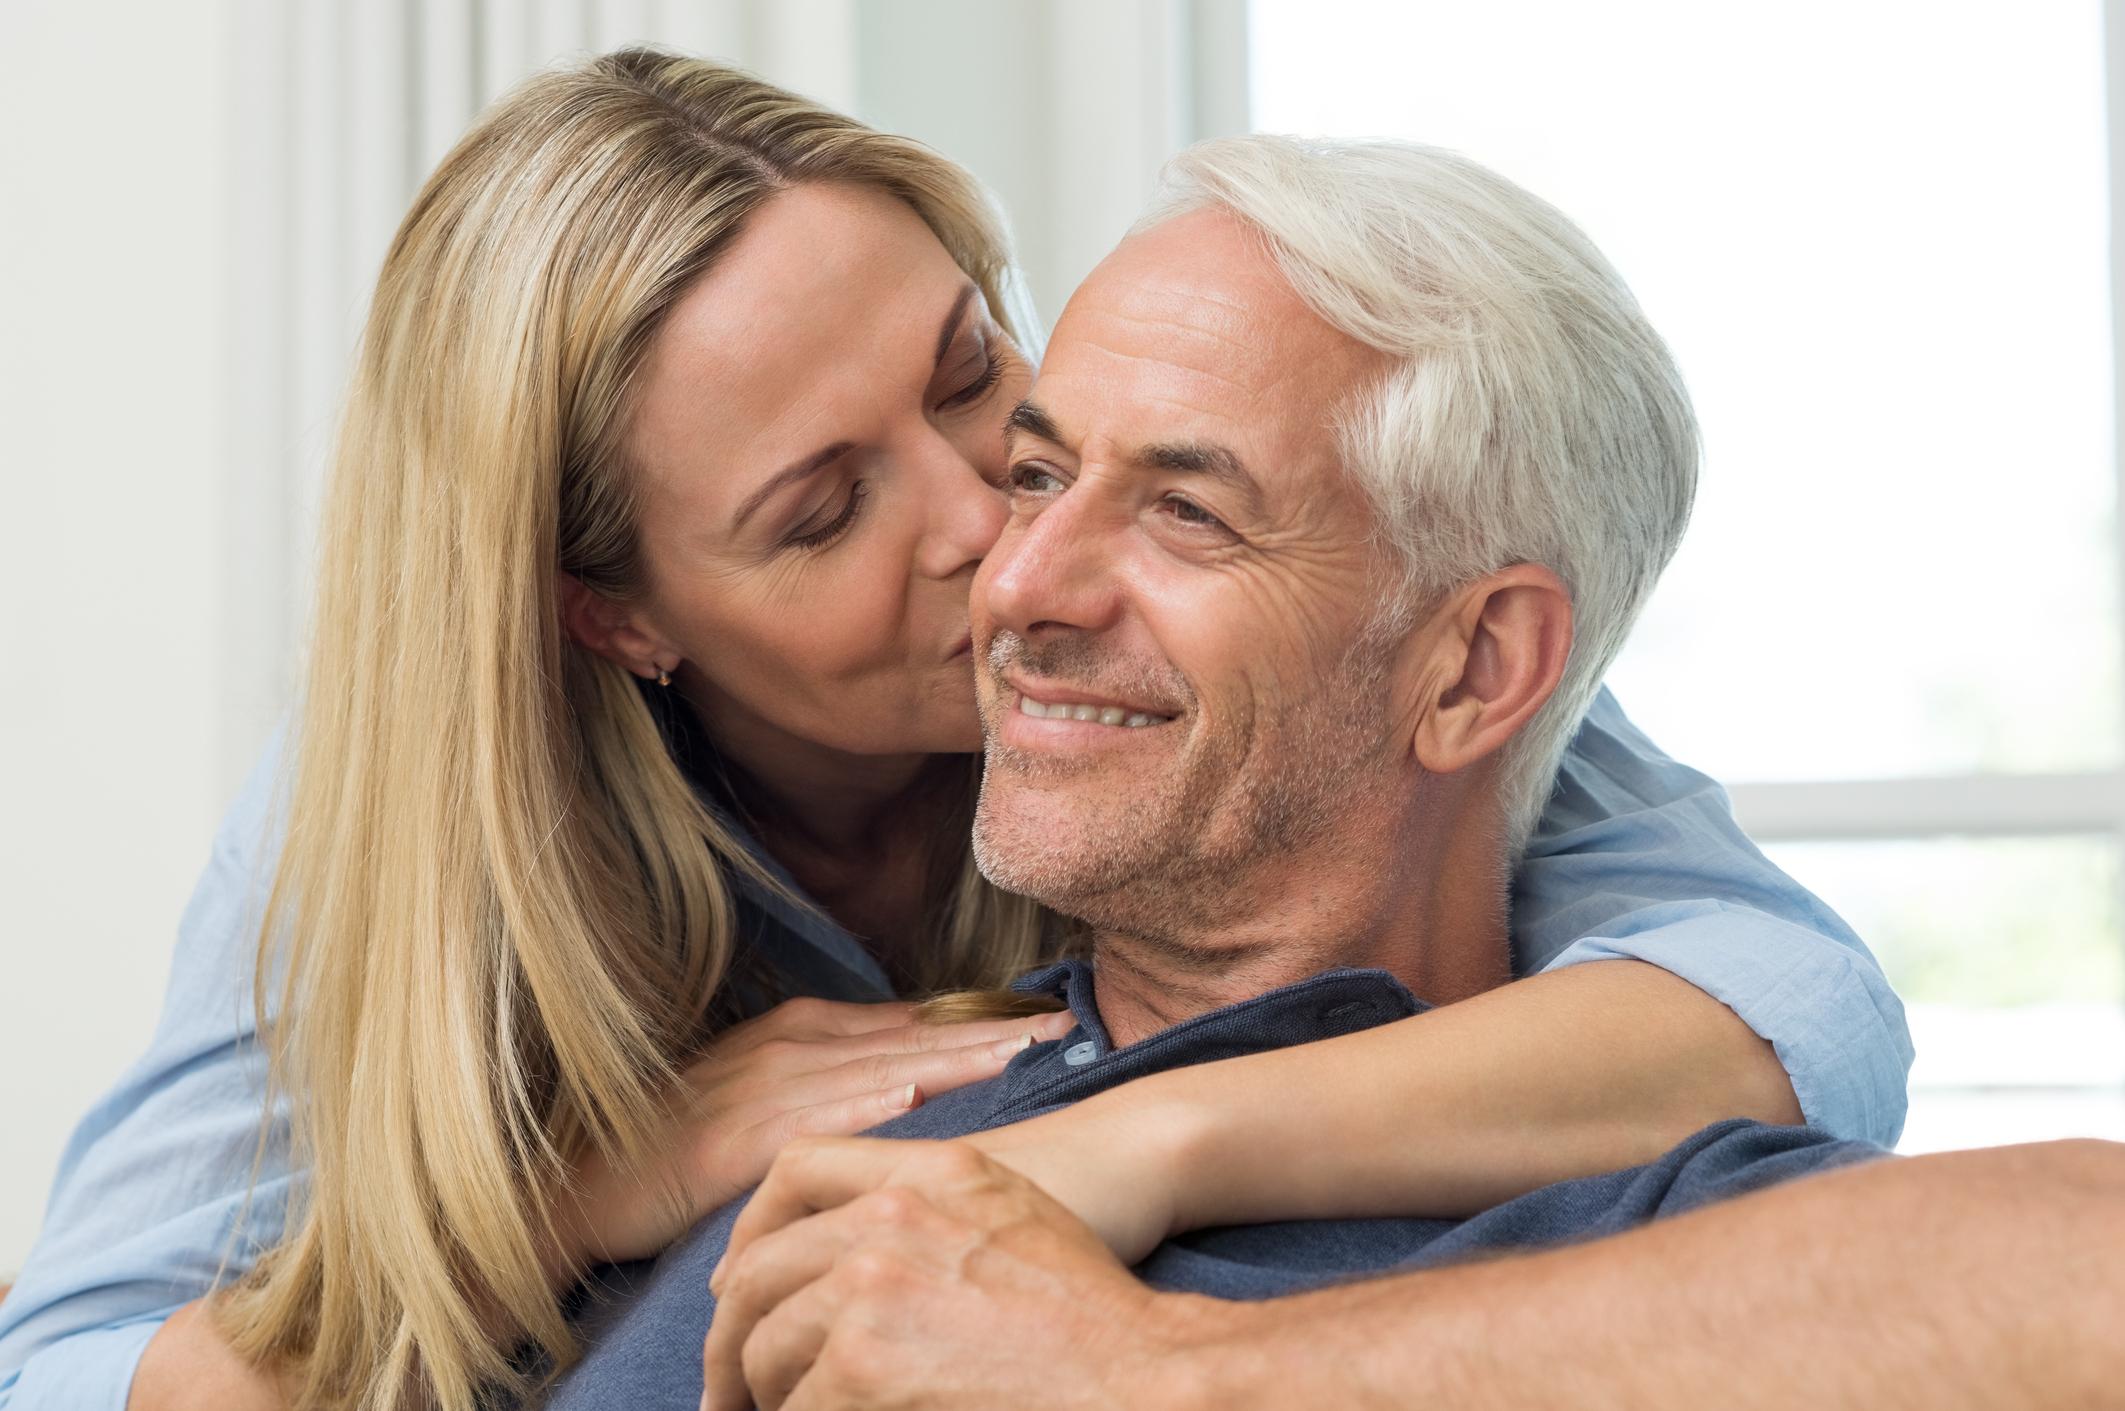 Лъв<br /> Изключително важно е вашата връзка да изглежда добре пред другите. Може да бъдете много властен/а и да се опитвате да контролирате партньора си. Флиртувате прекалено много, което не се харесва на половинката ви. Понякога говорите снизходително на партньора си.